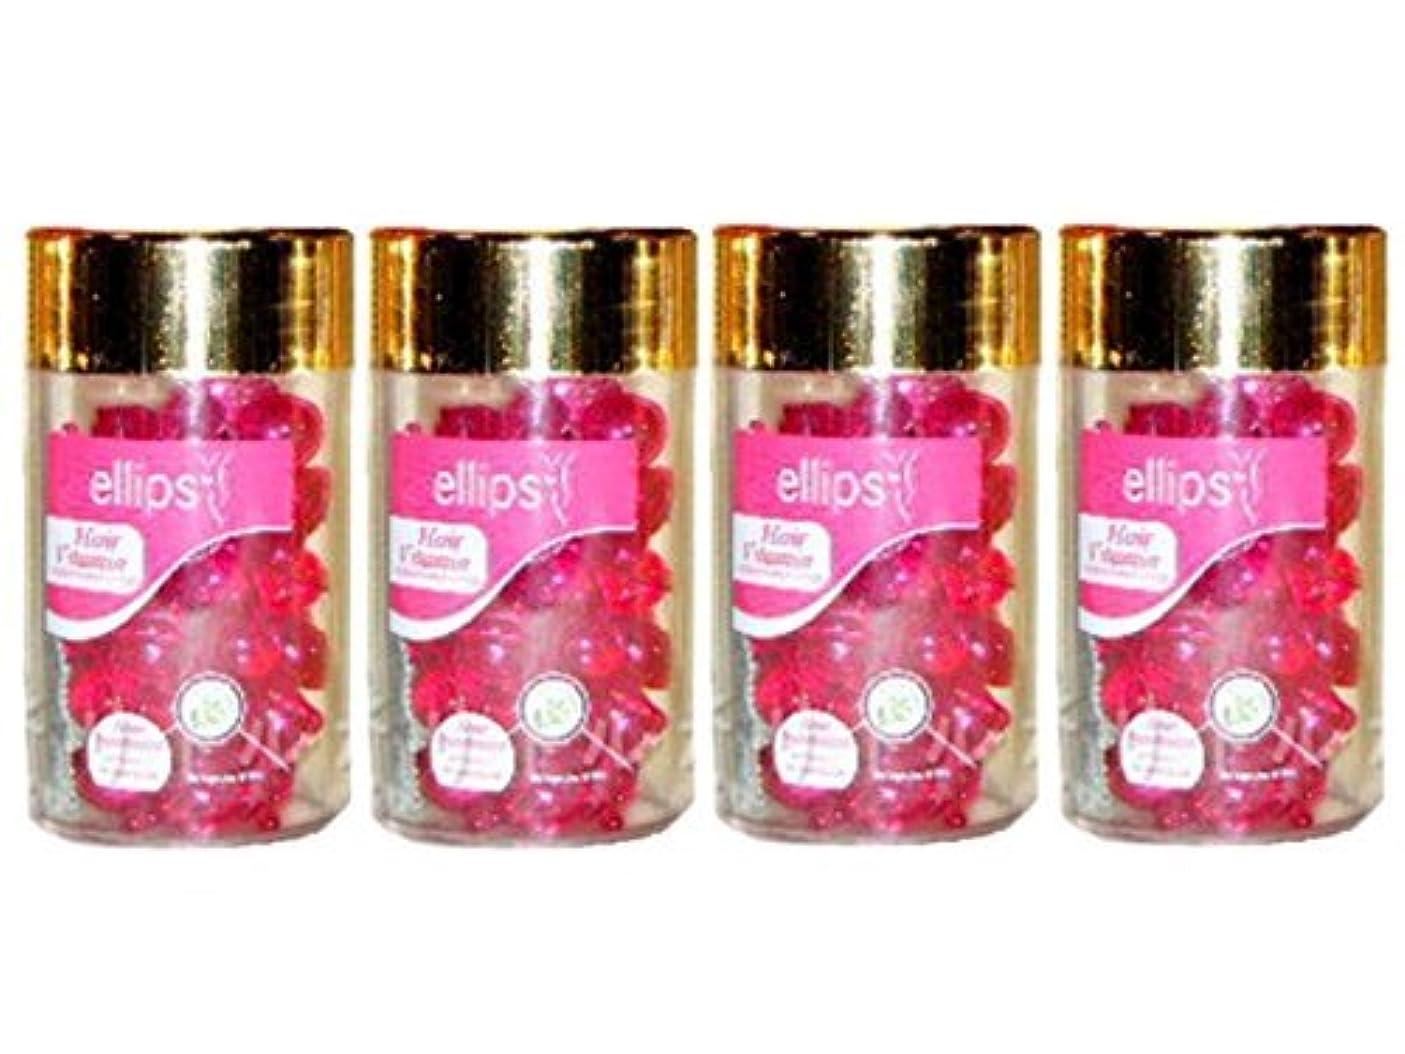 聴くイタリアのモトリーエリップスellipsヘアビタミン洗い流さないヘアトリートメント50粒入ボトル4本組(並行輸入品) (ピンク)